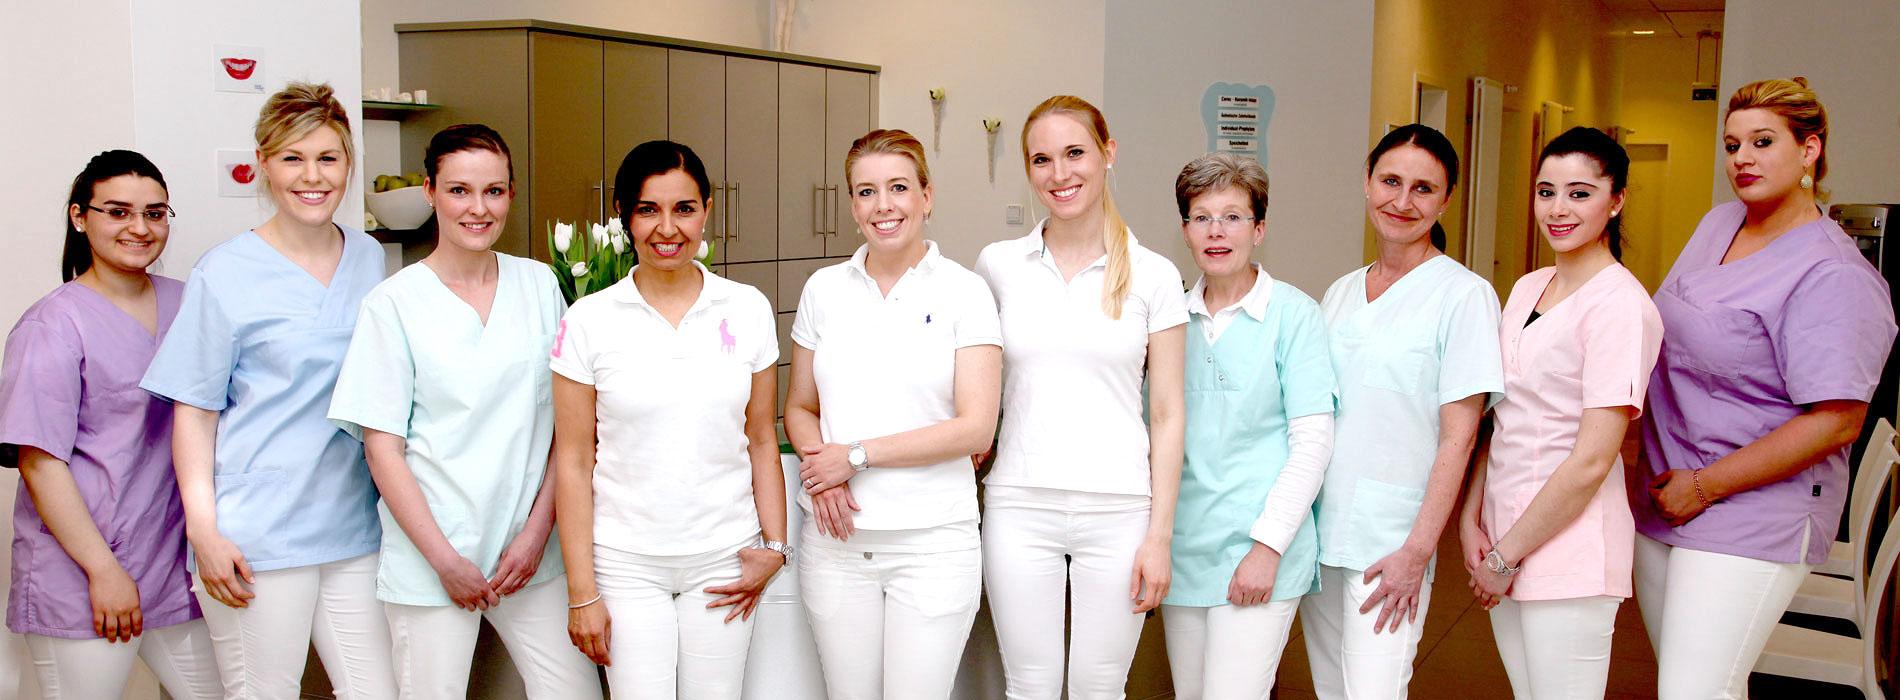 Zahnärzte und Team